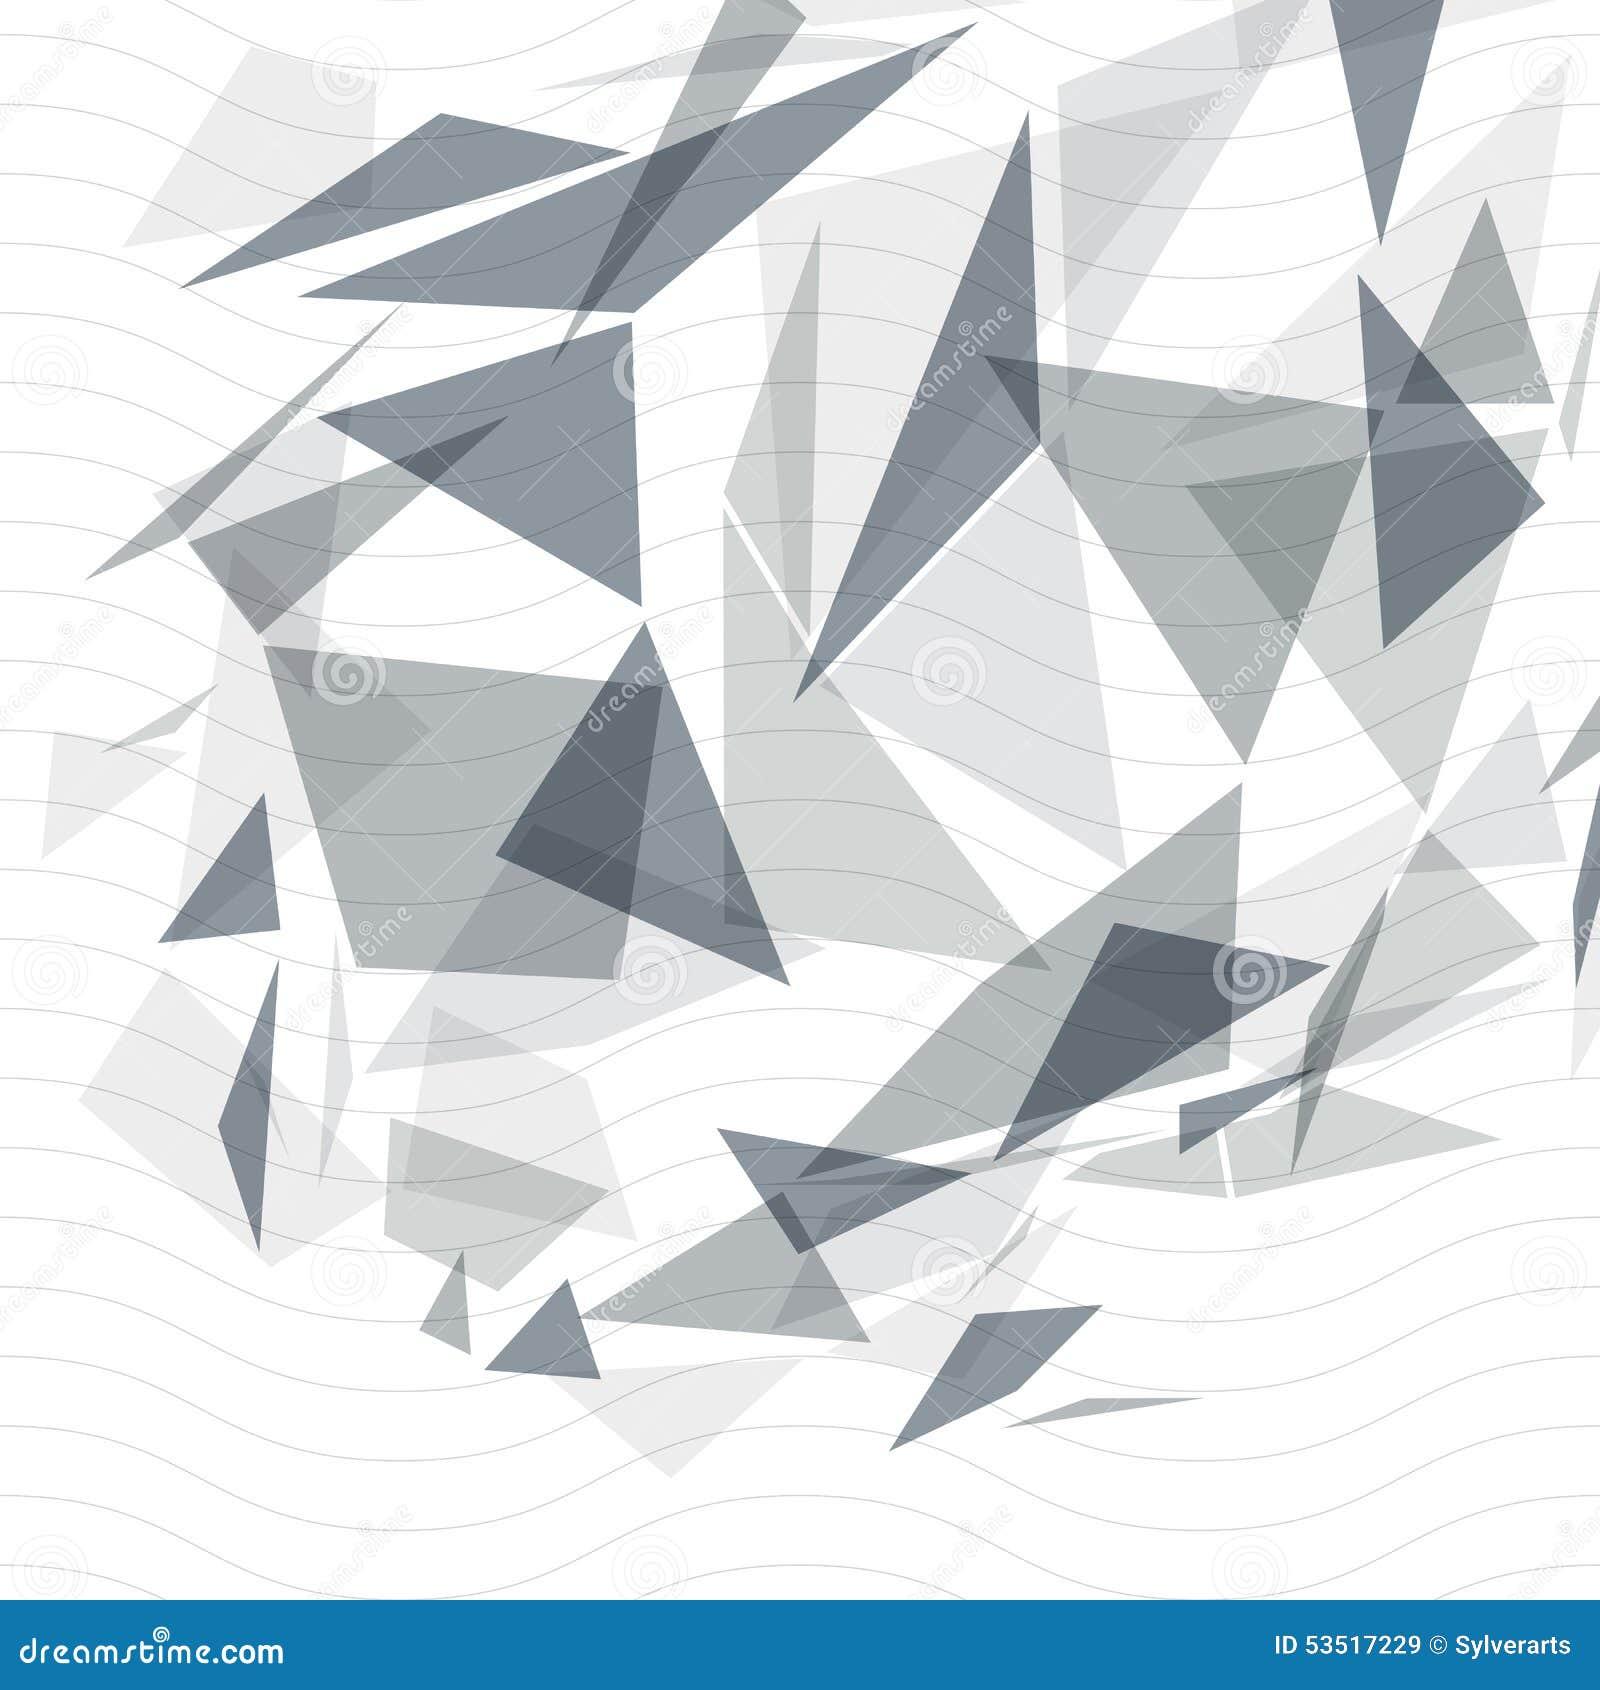 Contexto del dise o del arte de op sys del grayscale Arte arquitectura y diseno definicion